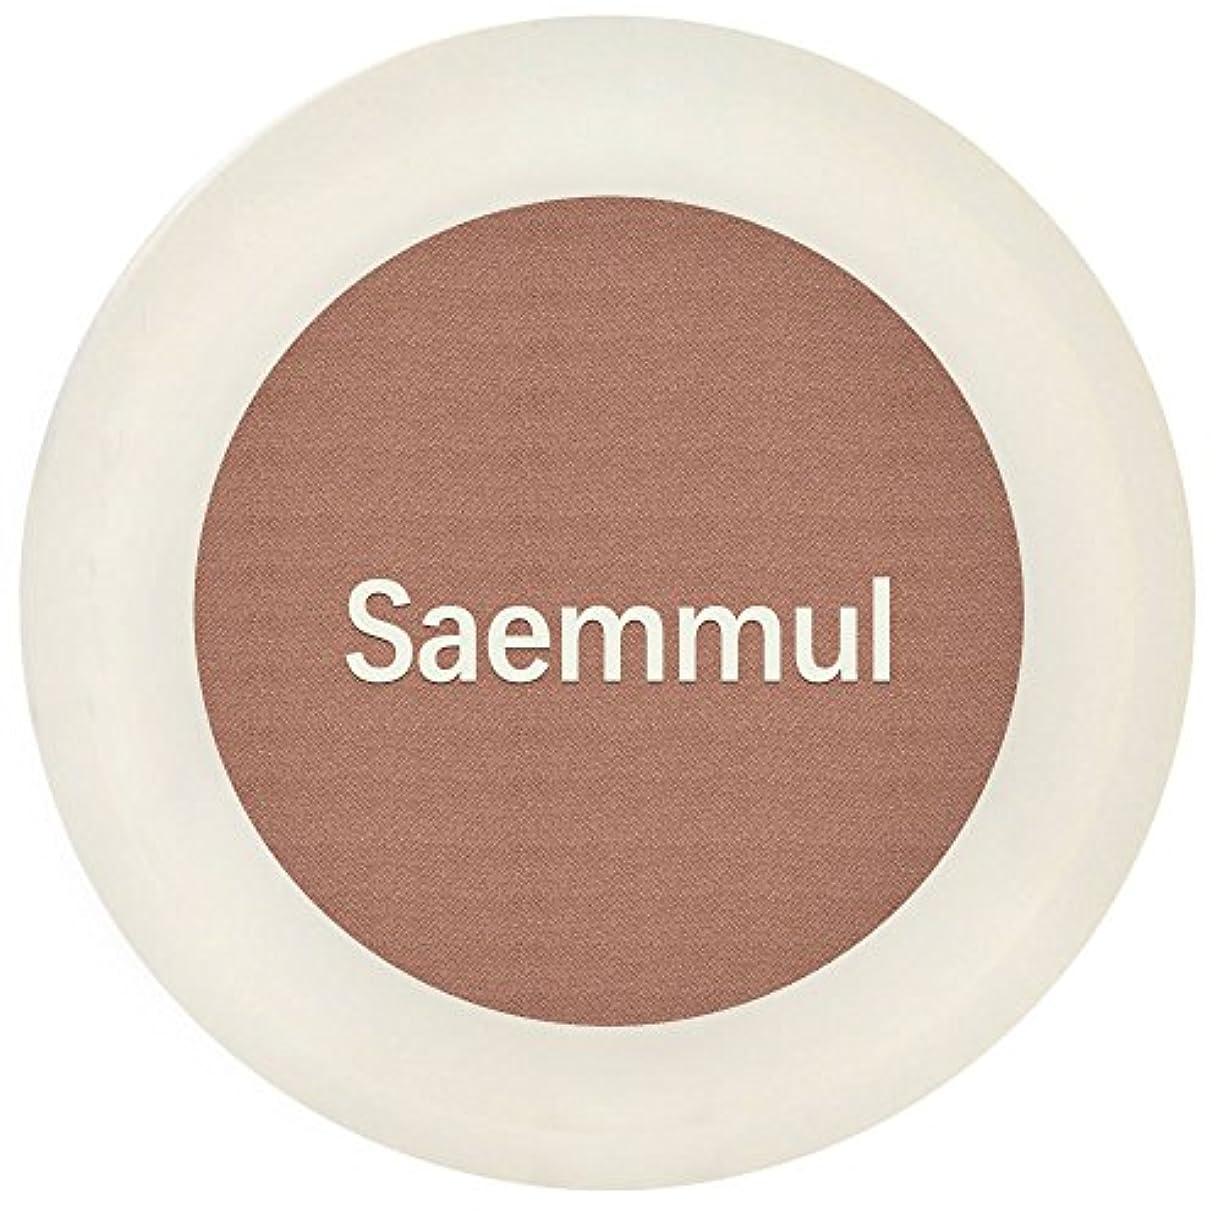 租界アスレチックボトルネック【the SAEM(ザ セム)】センムル シングル シャドウ (マット) I (7カラー選択1) (BR01)